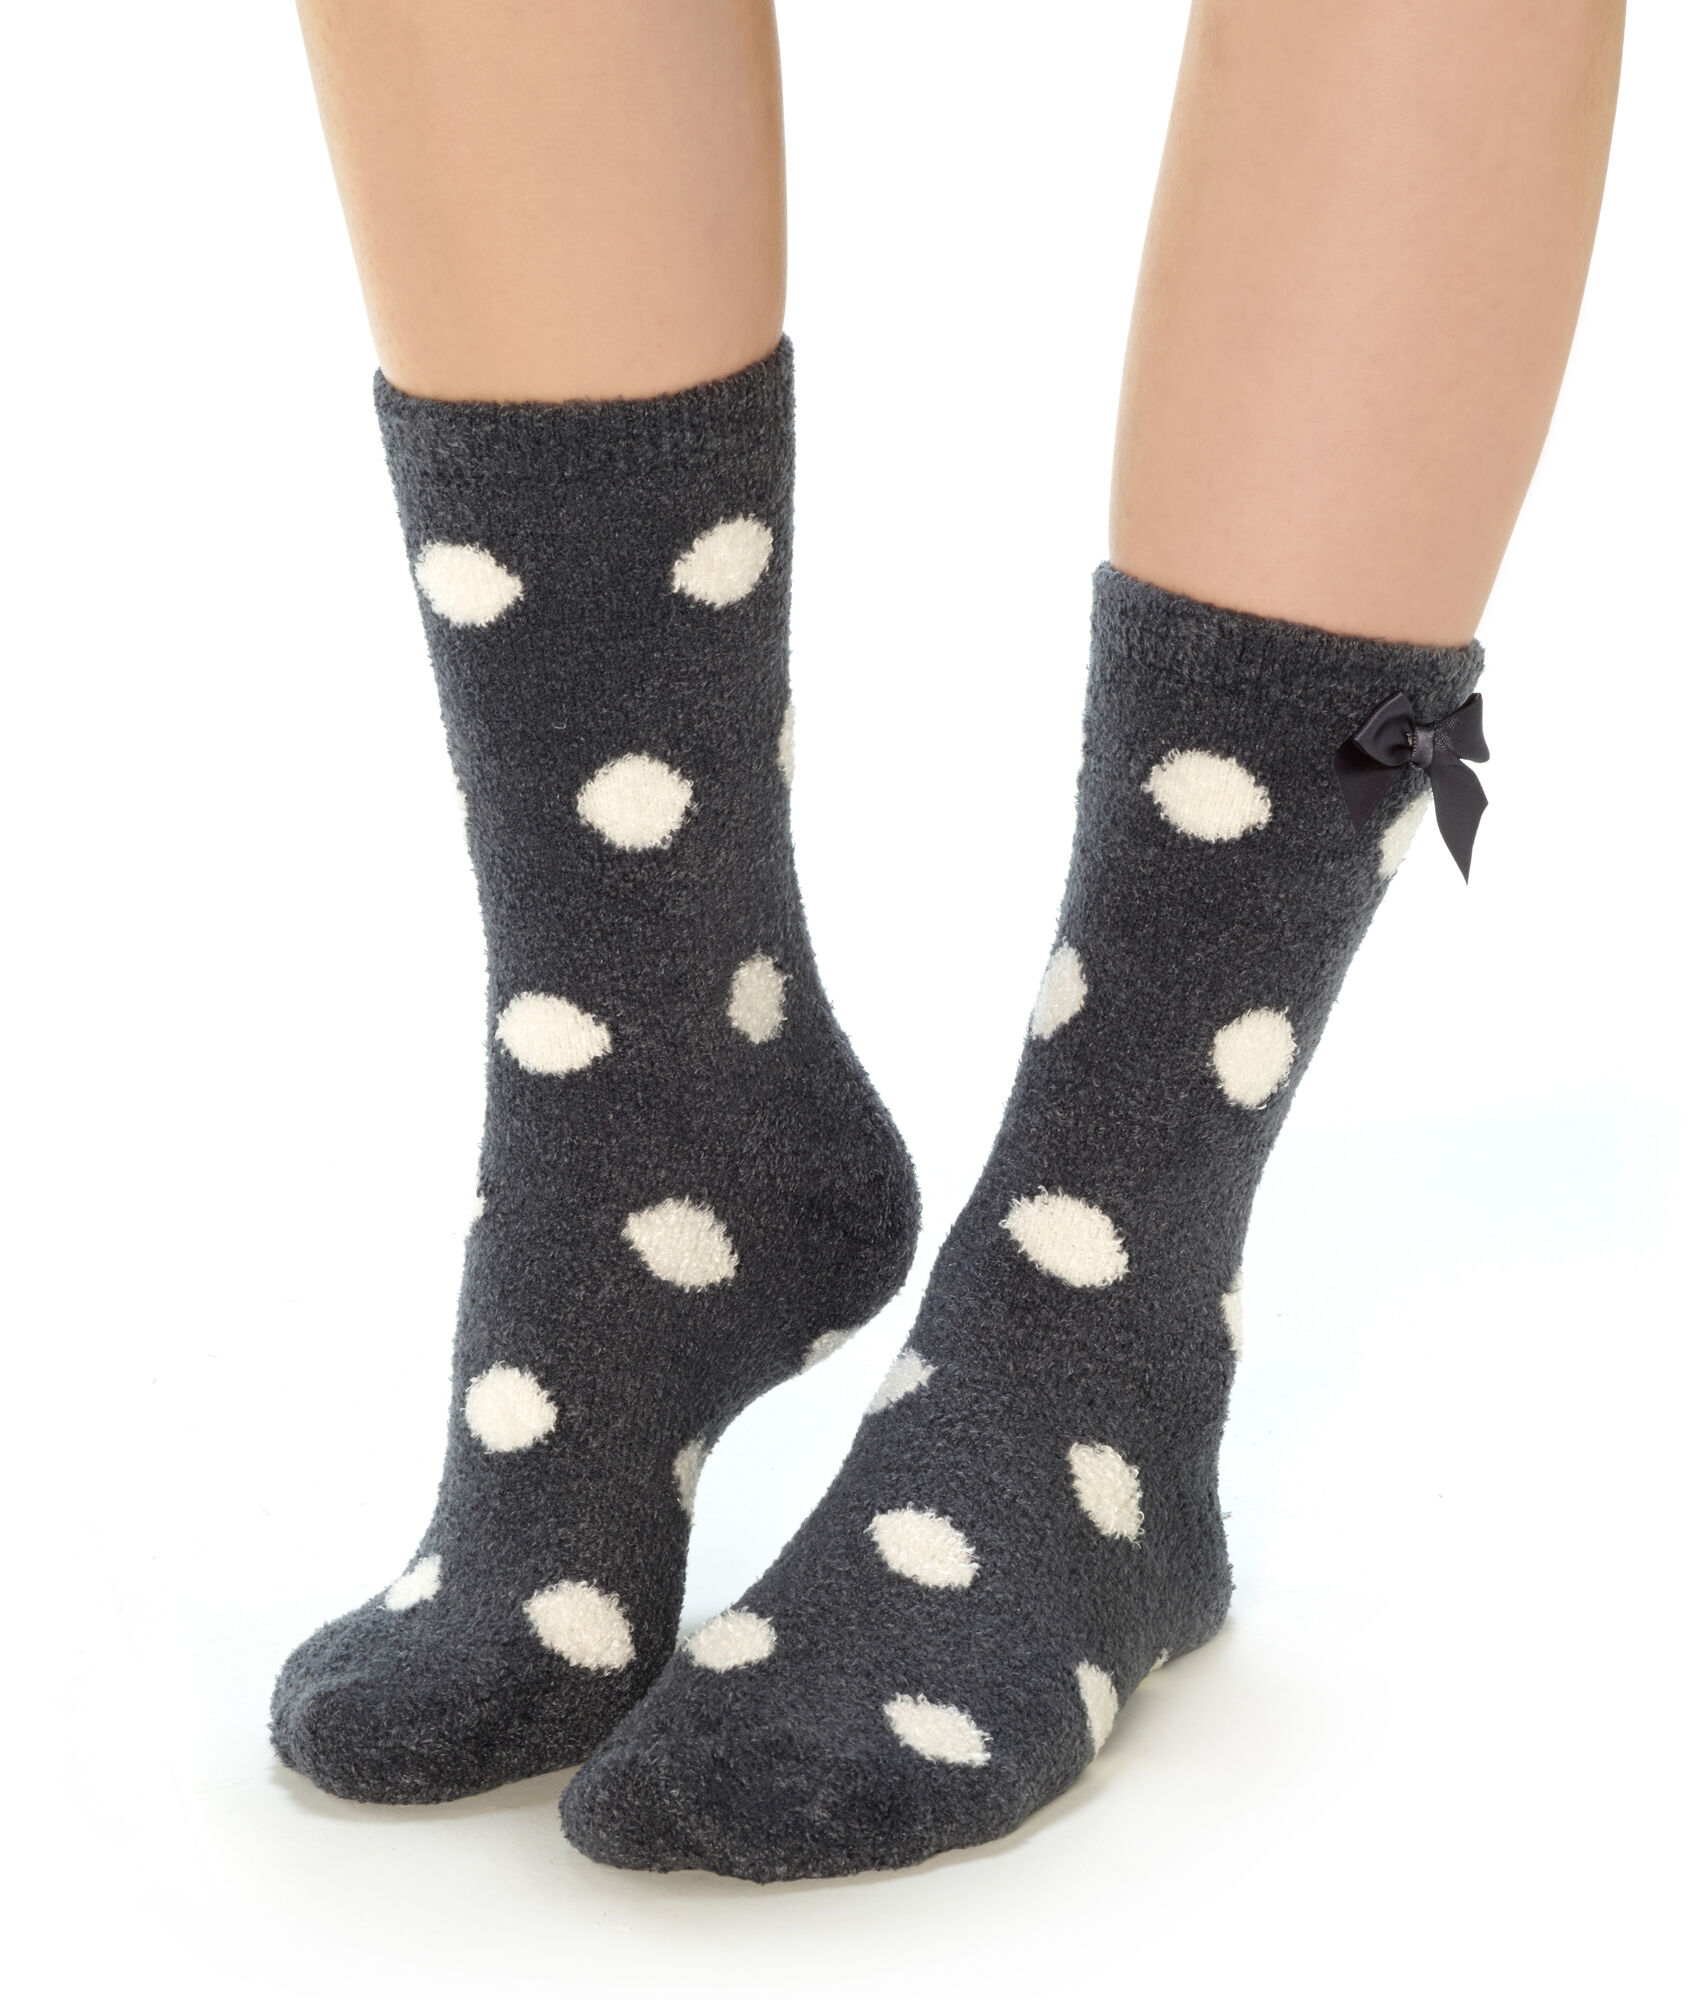 Calcetines estampados tejido peluche - COCOONING POIS - ANTRACITA - Etam